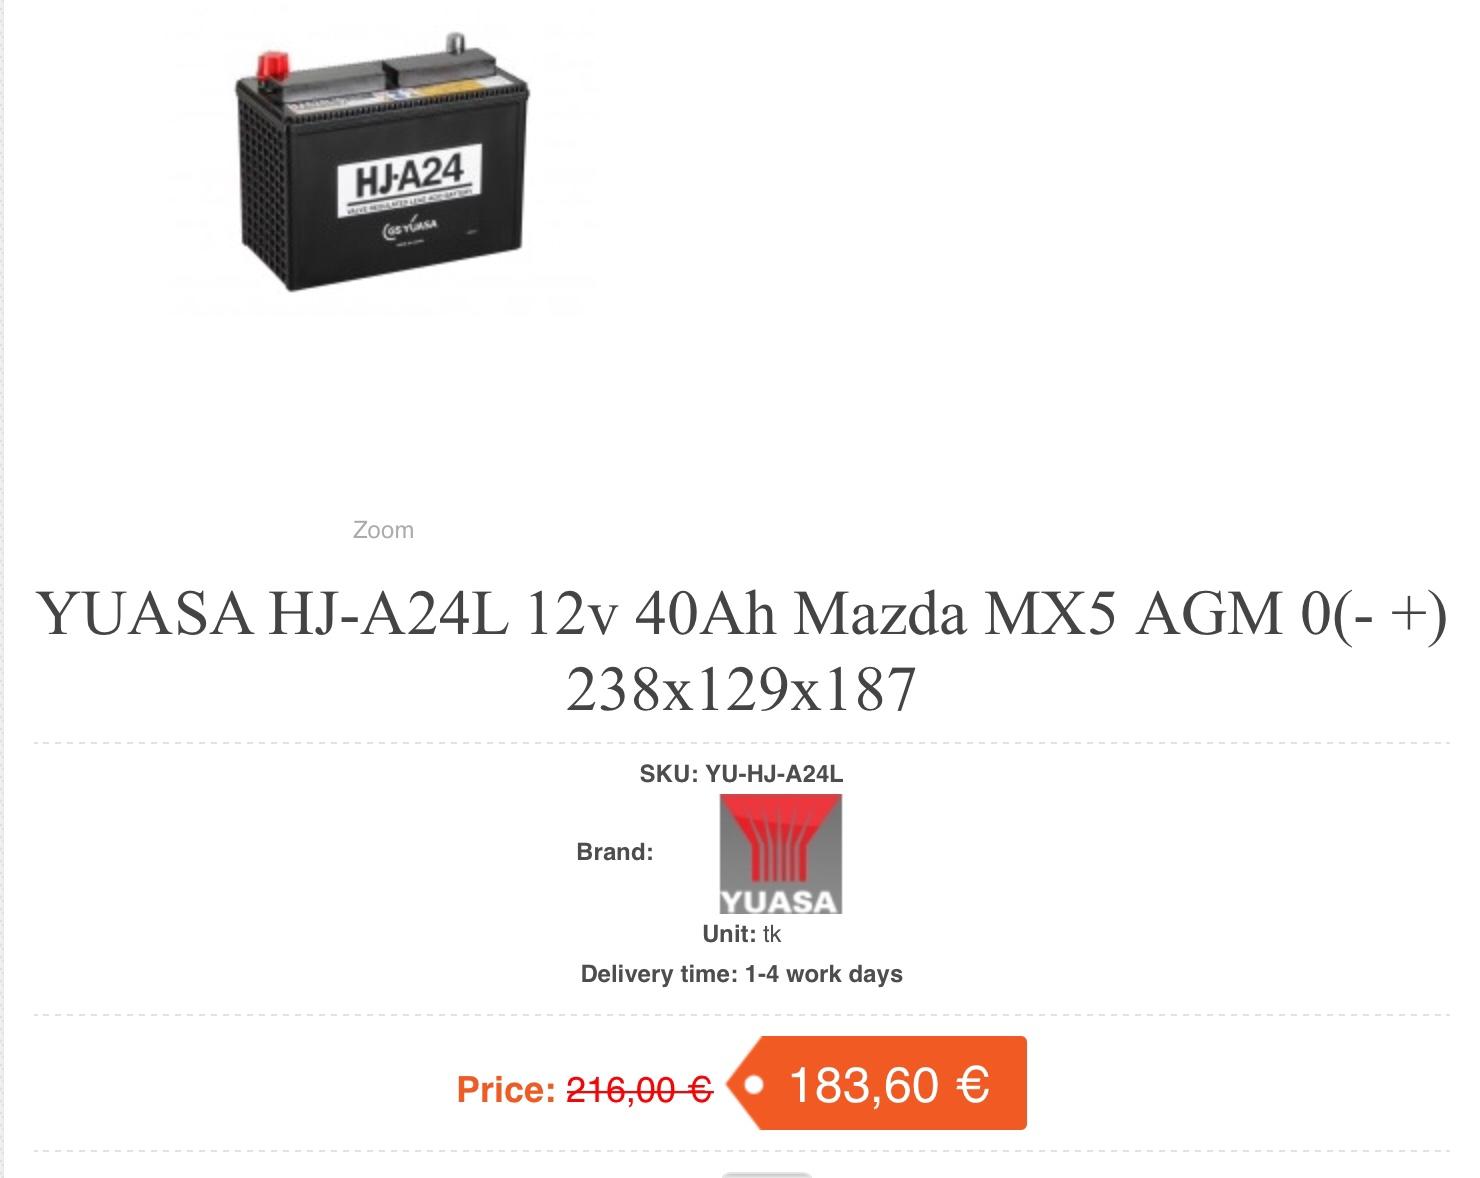 F4D36AD7-E1A6-4F1A-AC25-1982C23B6515.jpeg